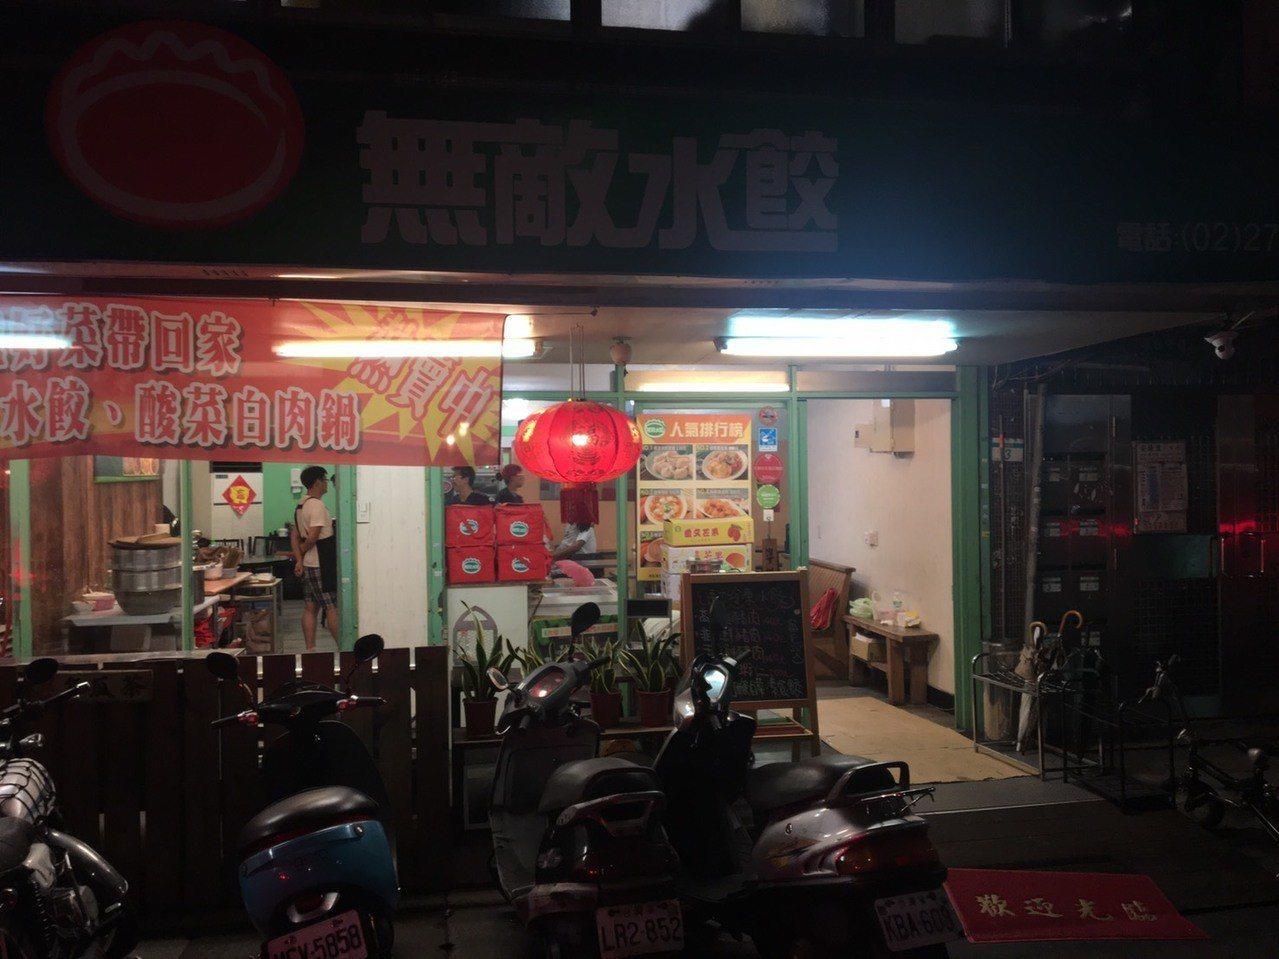 台北市信義區虎林街某水餃餐廳,傳出客人一氧化碳中毒,4名女子在地下室以木炭煮火鍋...